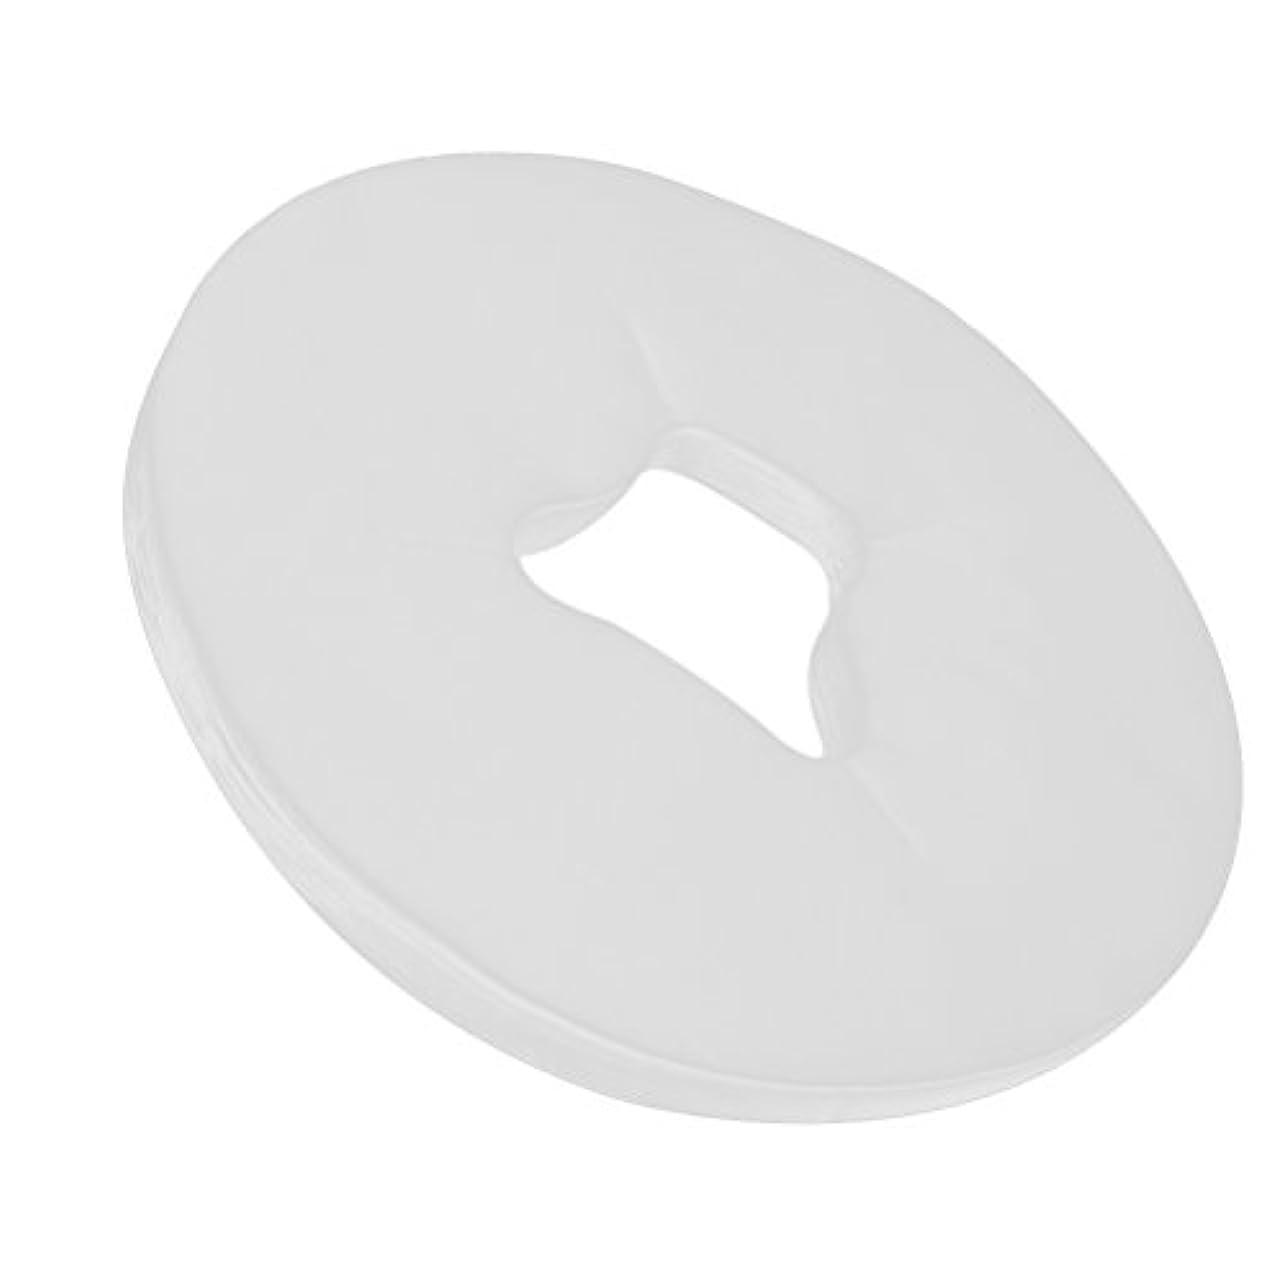 ハブ割り当てますデッキHealifty 100Pcs使い捨て可能な表面揺りかごはマッサージのテーブルのためのマッサージの表面残りカバーを覆います